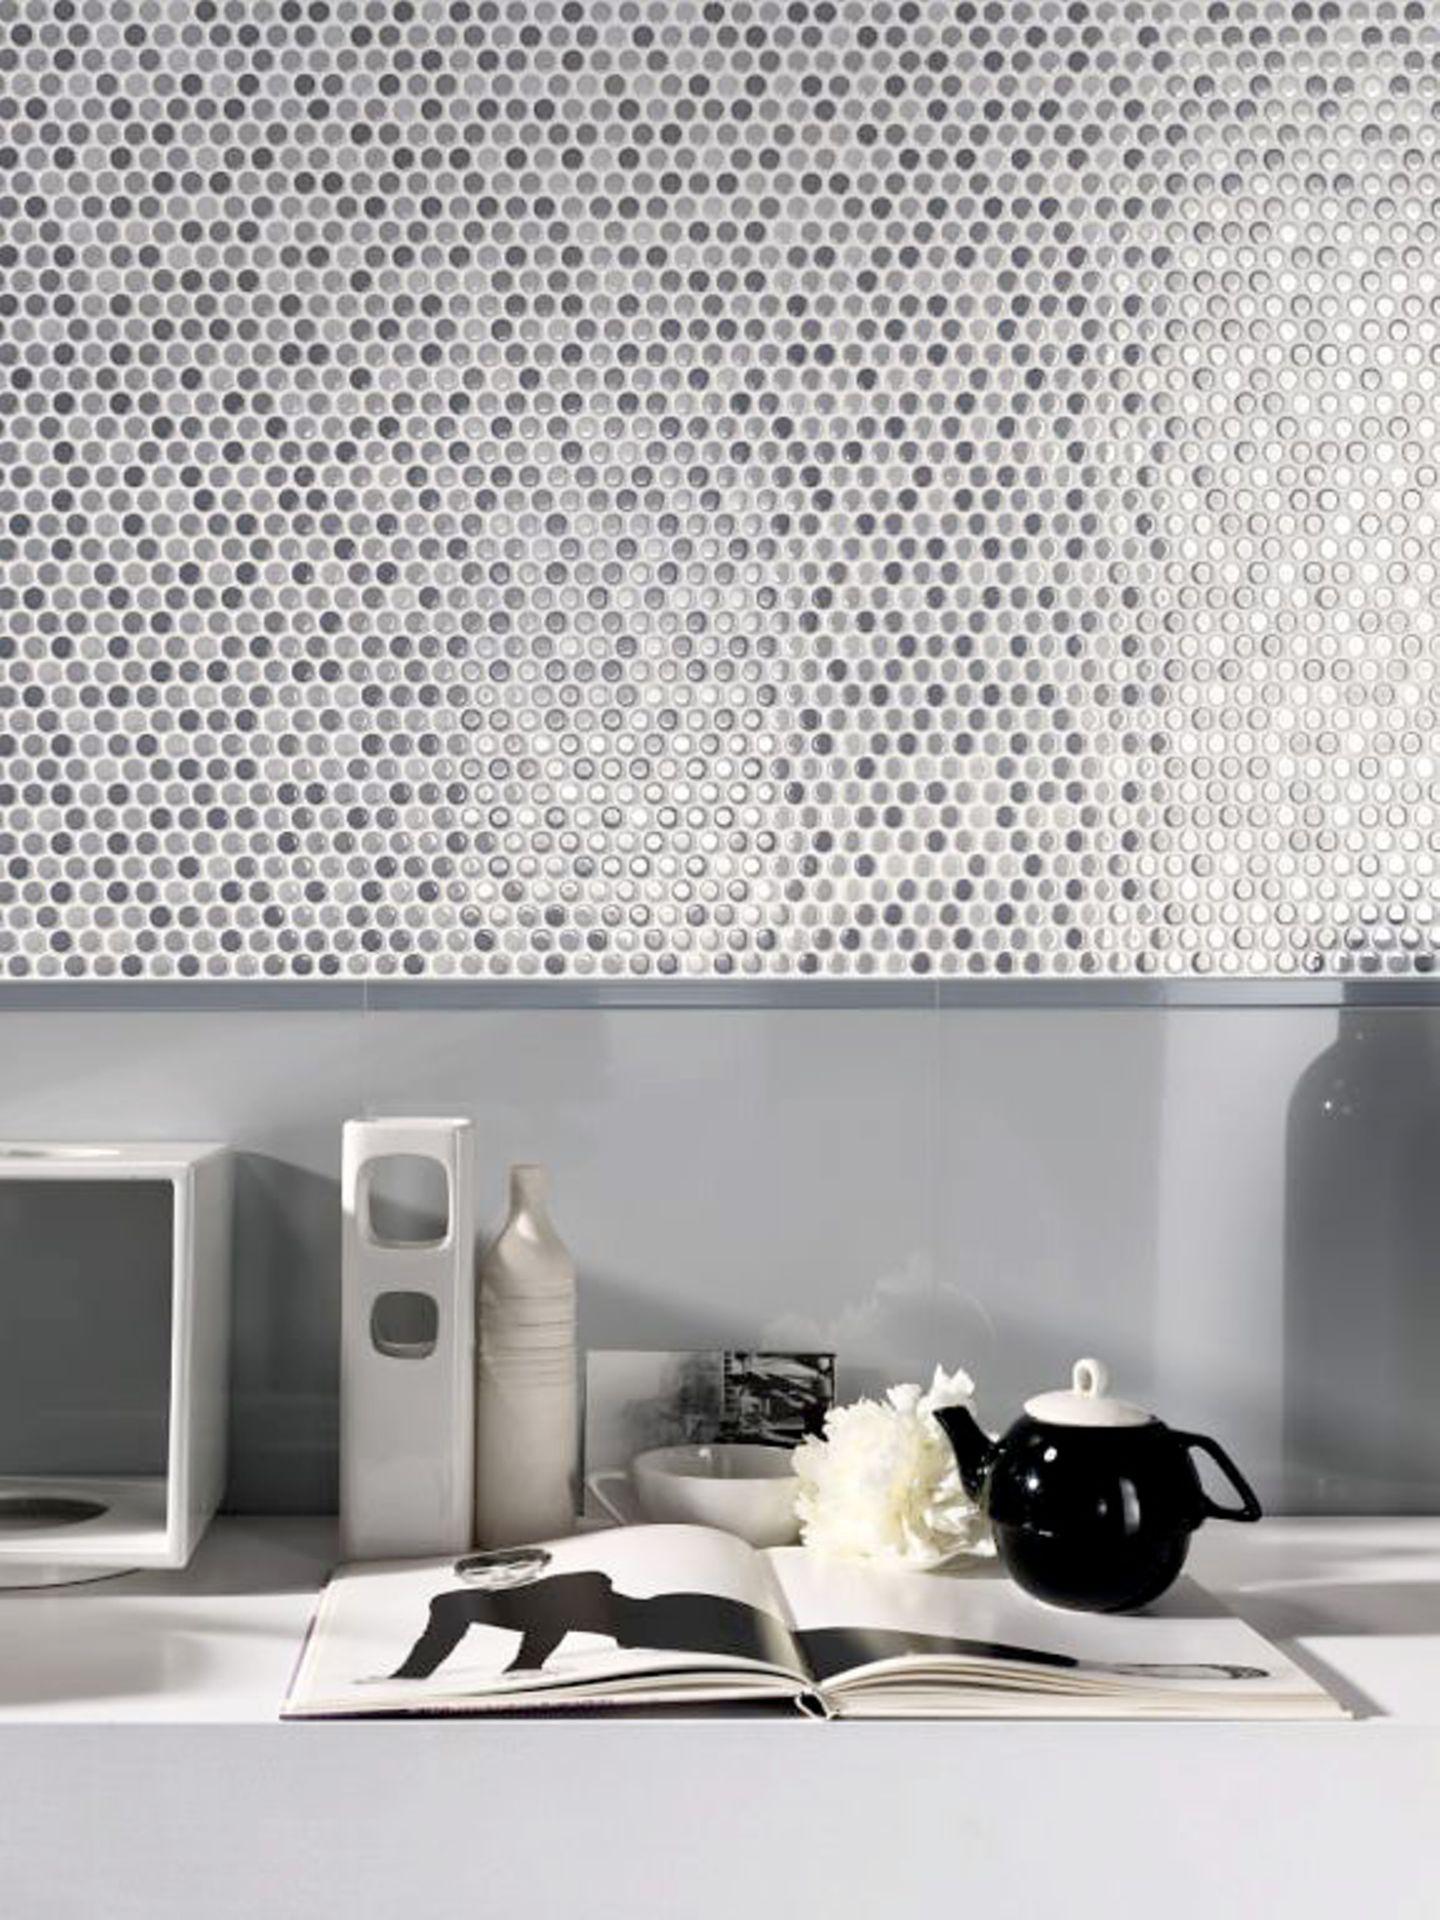 Mosaikfliesen - Akzente im Raum